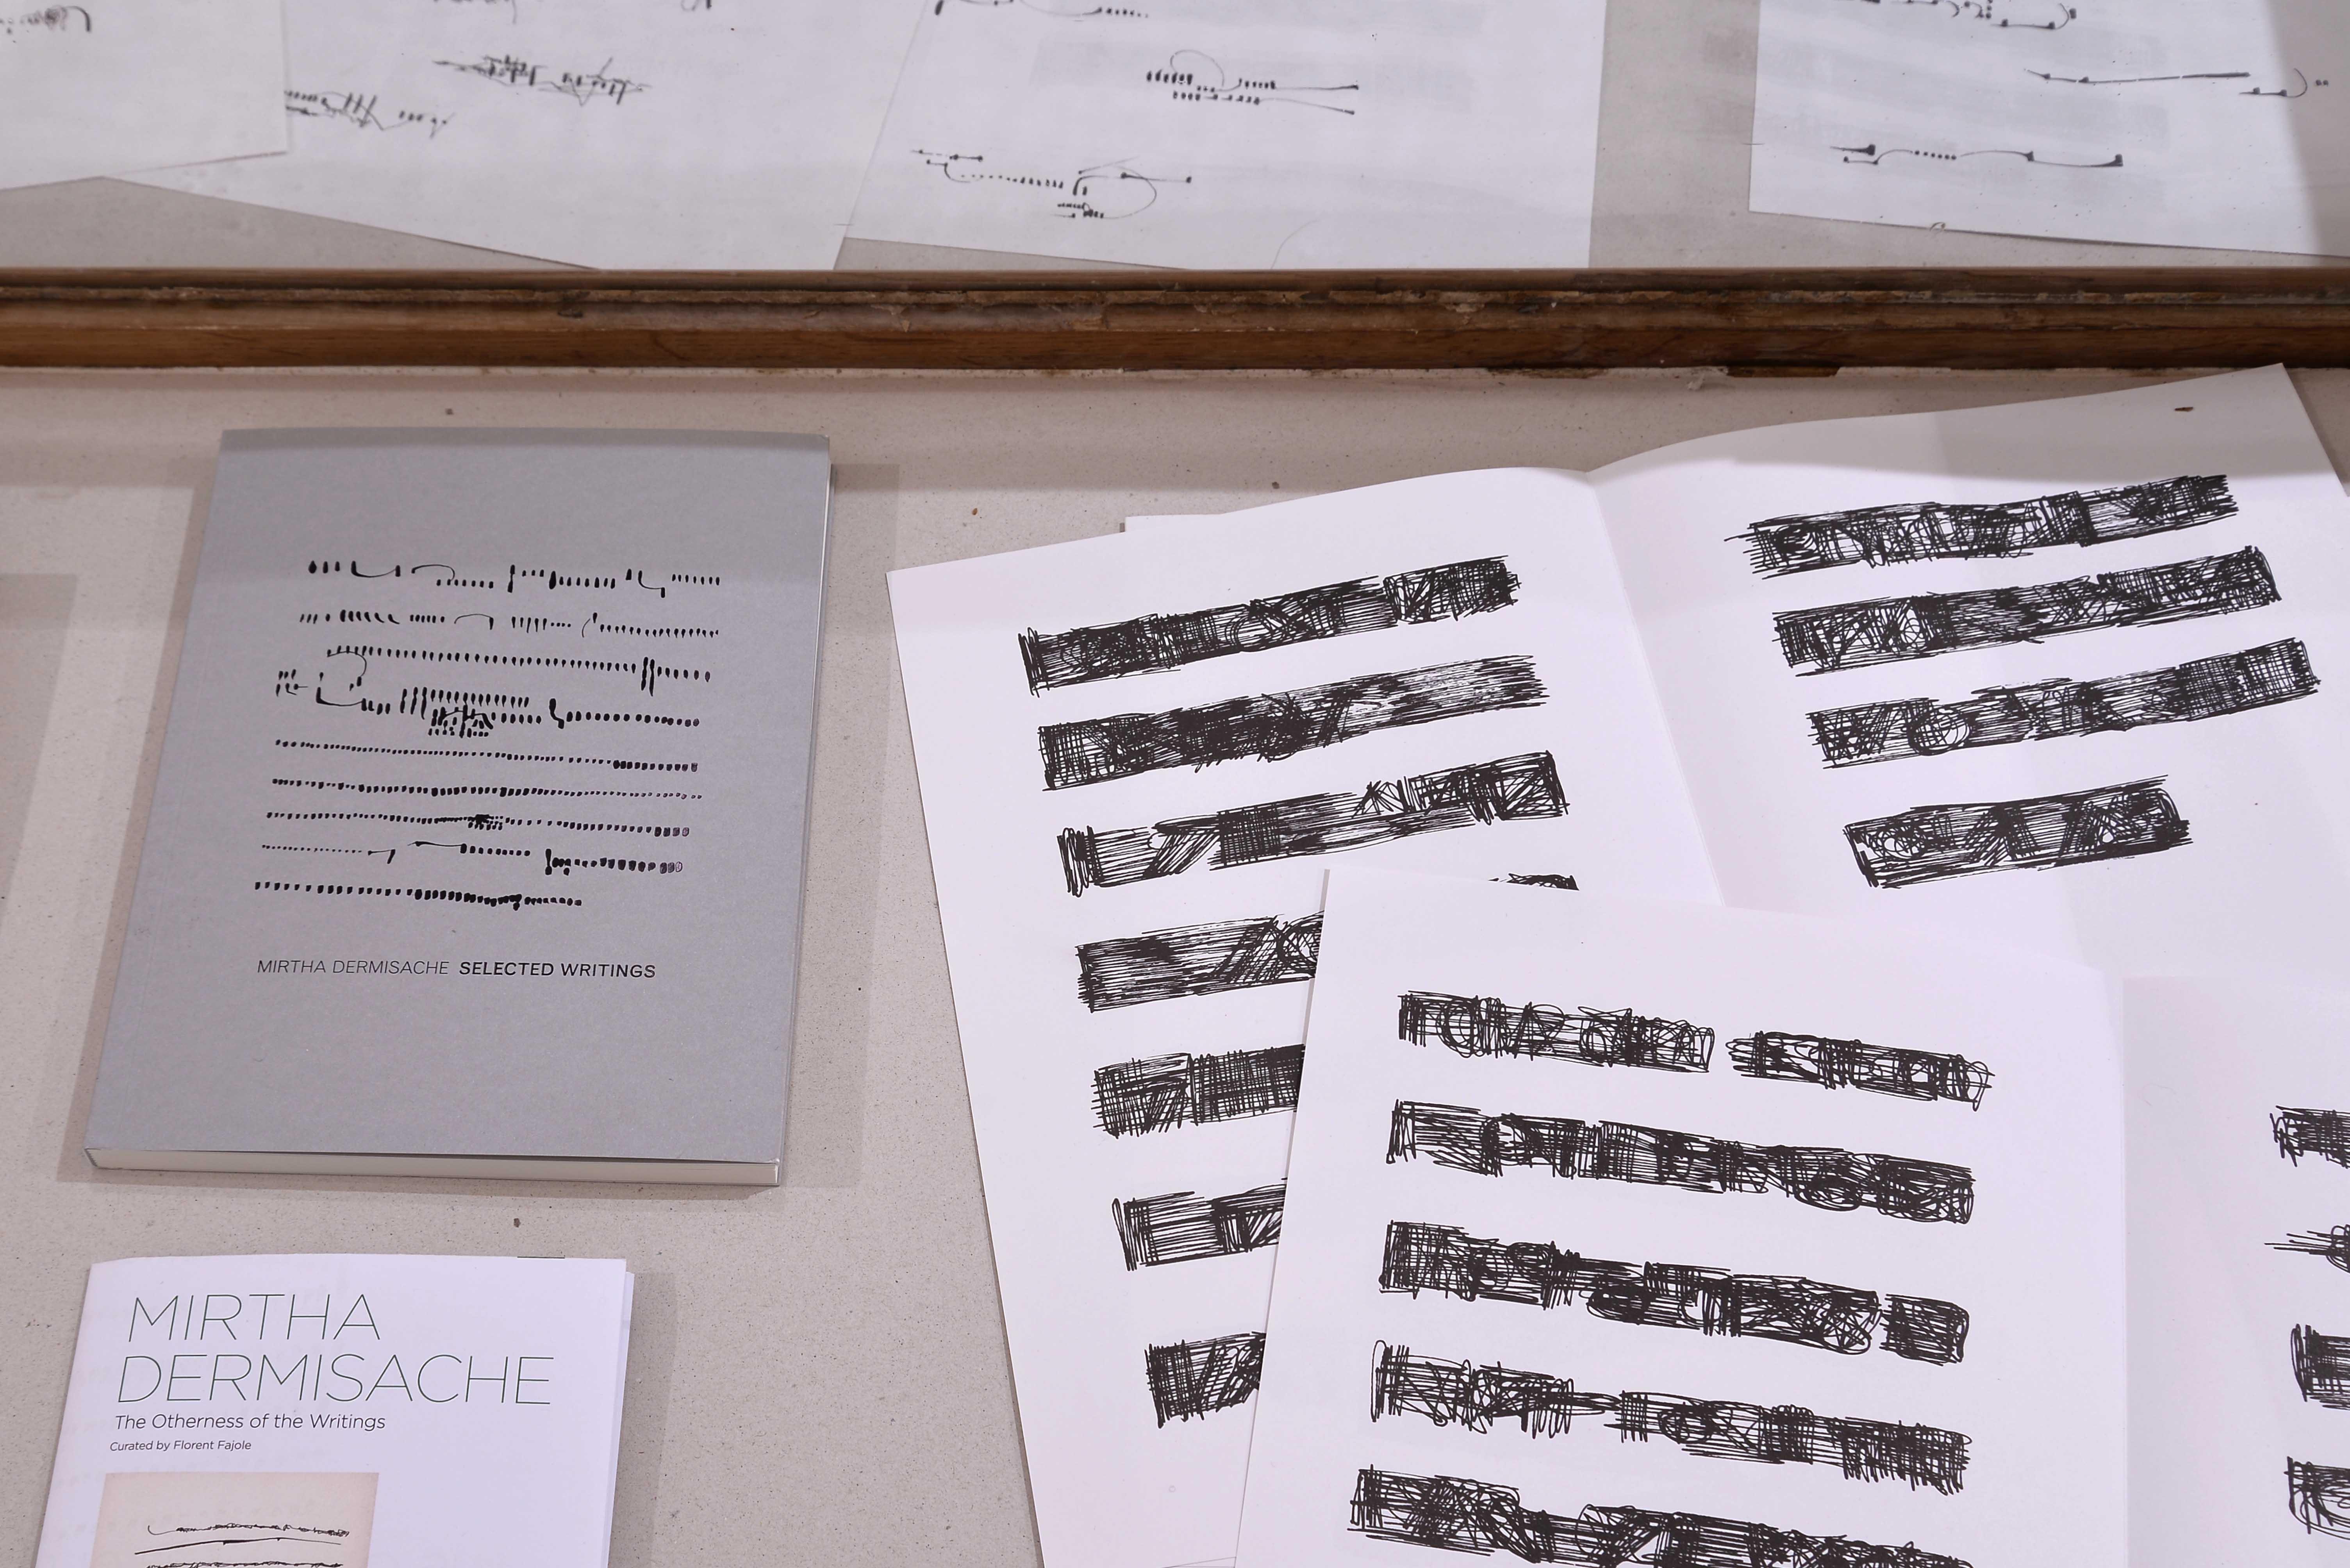 Mirtha Dermisache, Diez Cartas Collection, Florent Fajole, À l'heure du dessin, 6ème temps, Tracé - Château de Servières - © Aurélien Meimaris (24)